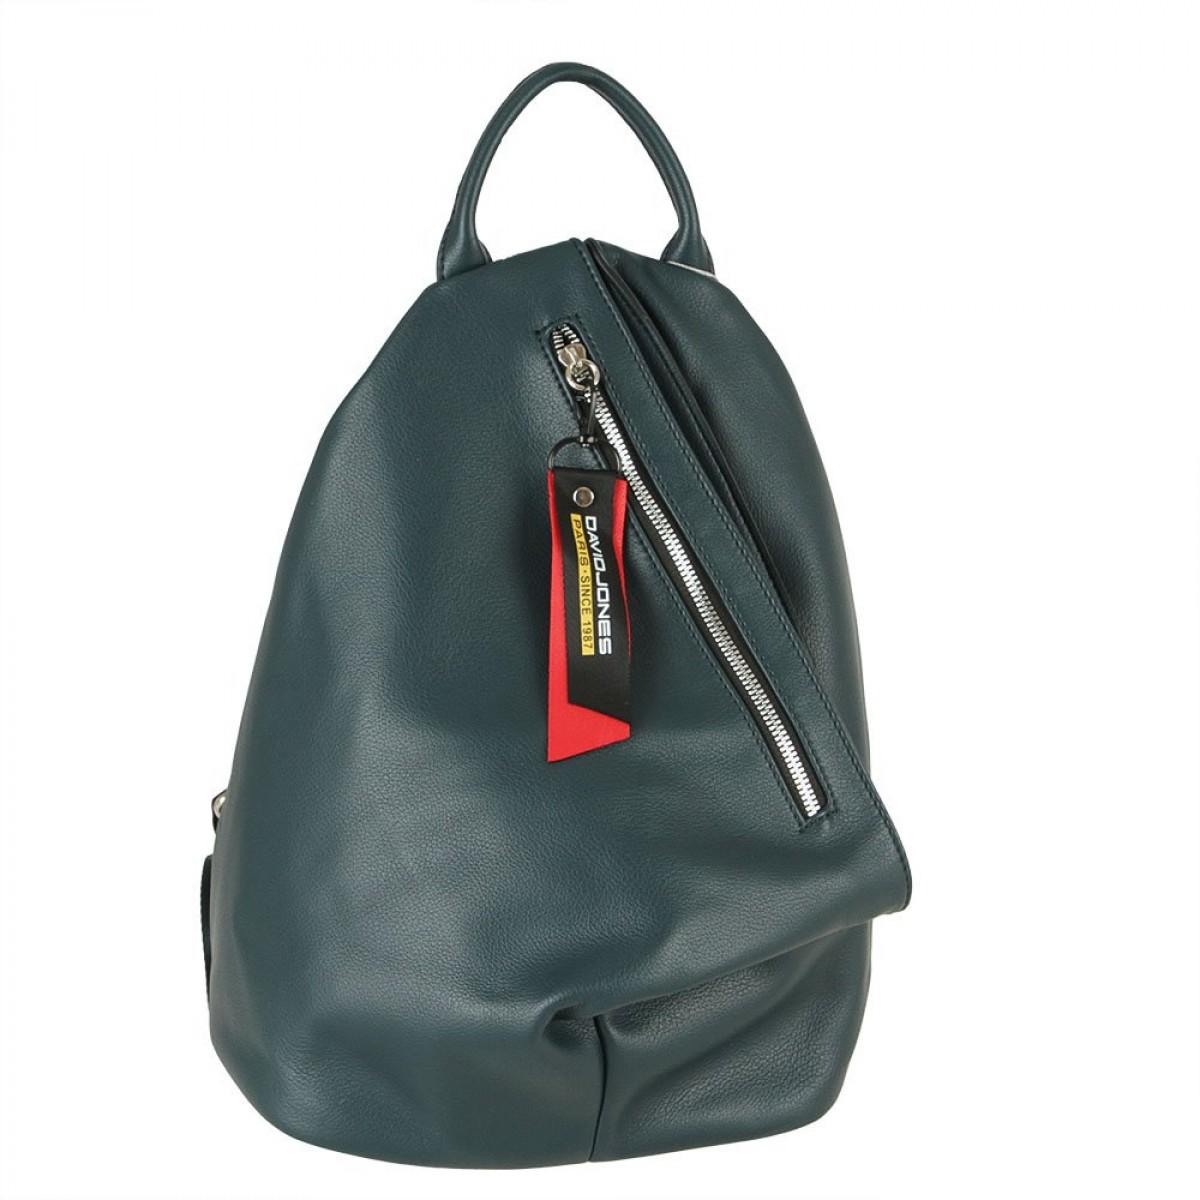 Жіночий рюкзак David Jones CM5888 PEACOCK BLUE